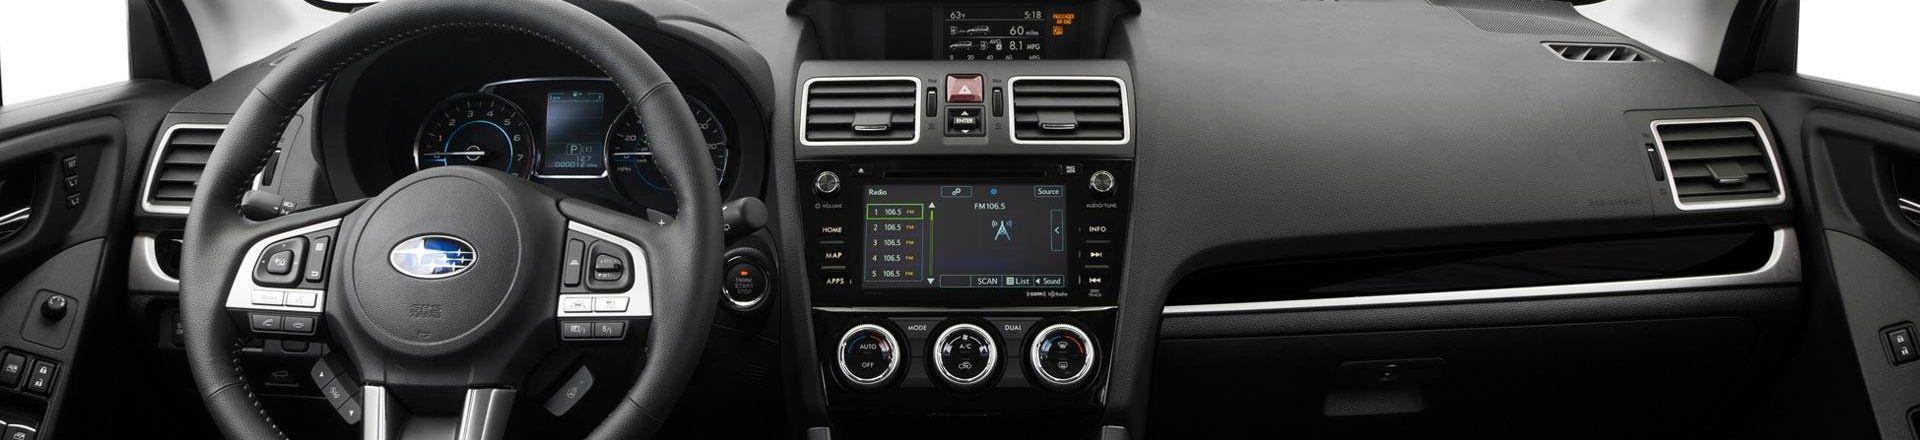 2018 Subaru Forester Center Console